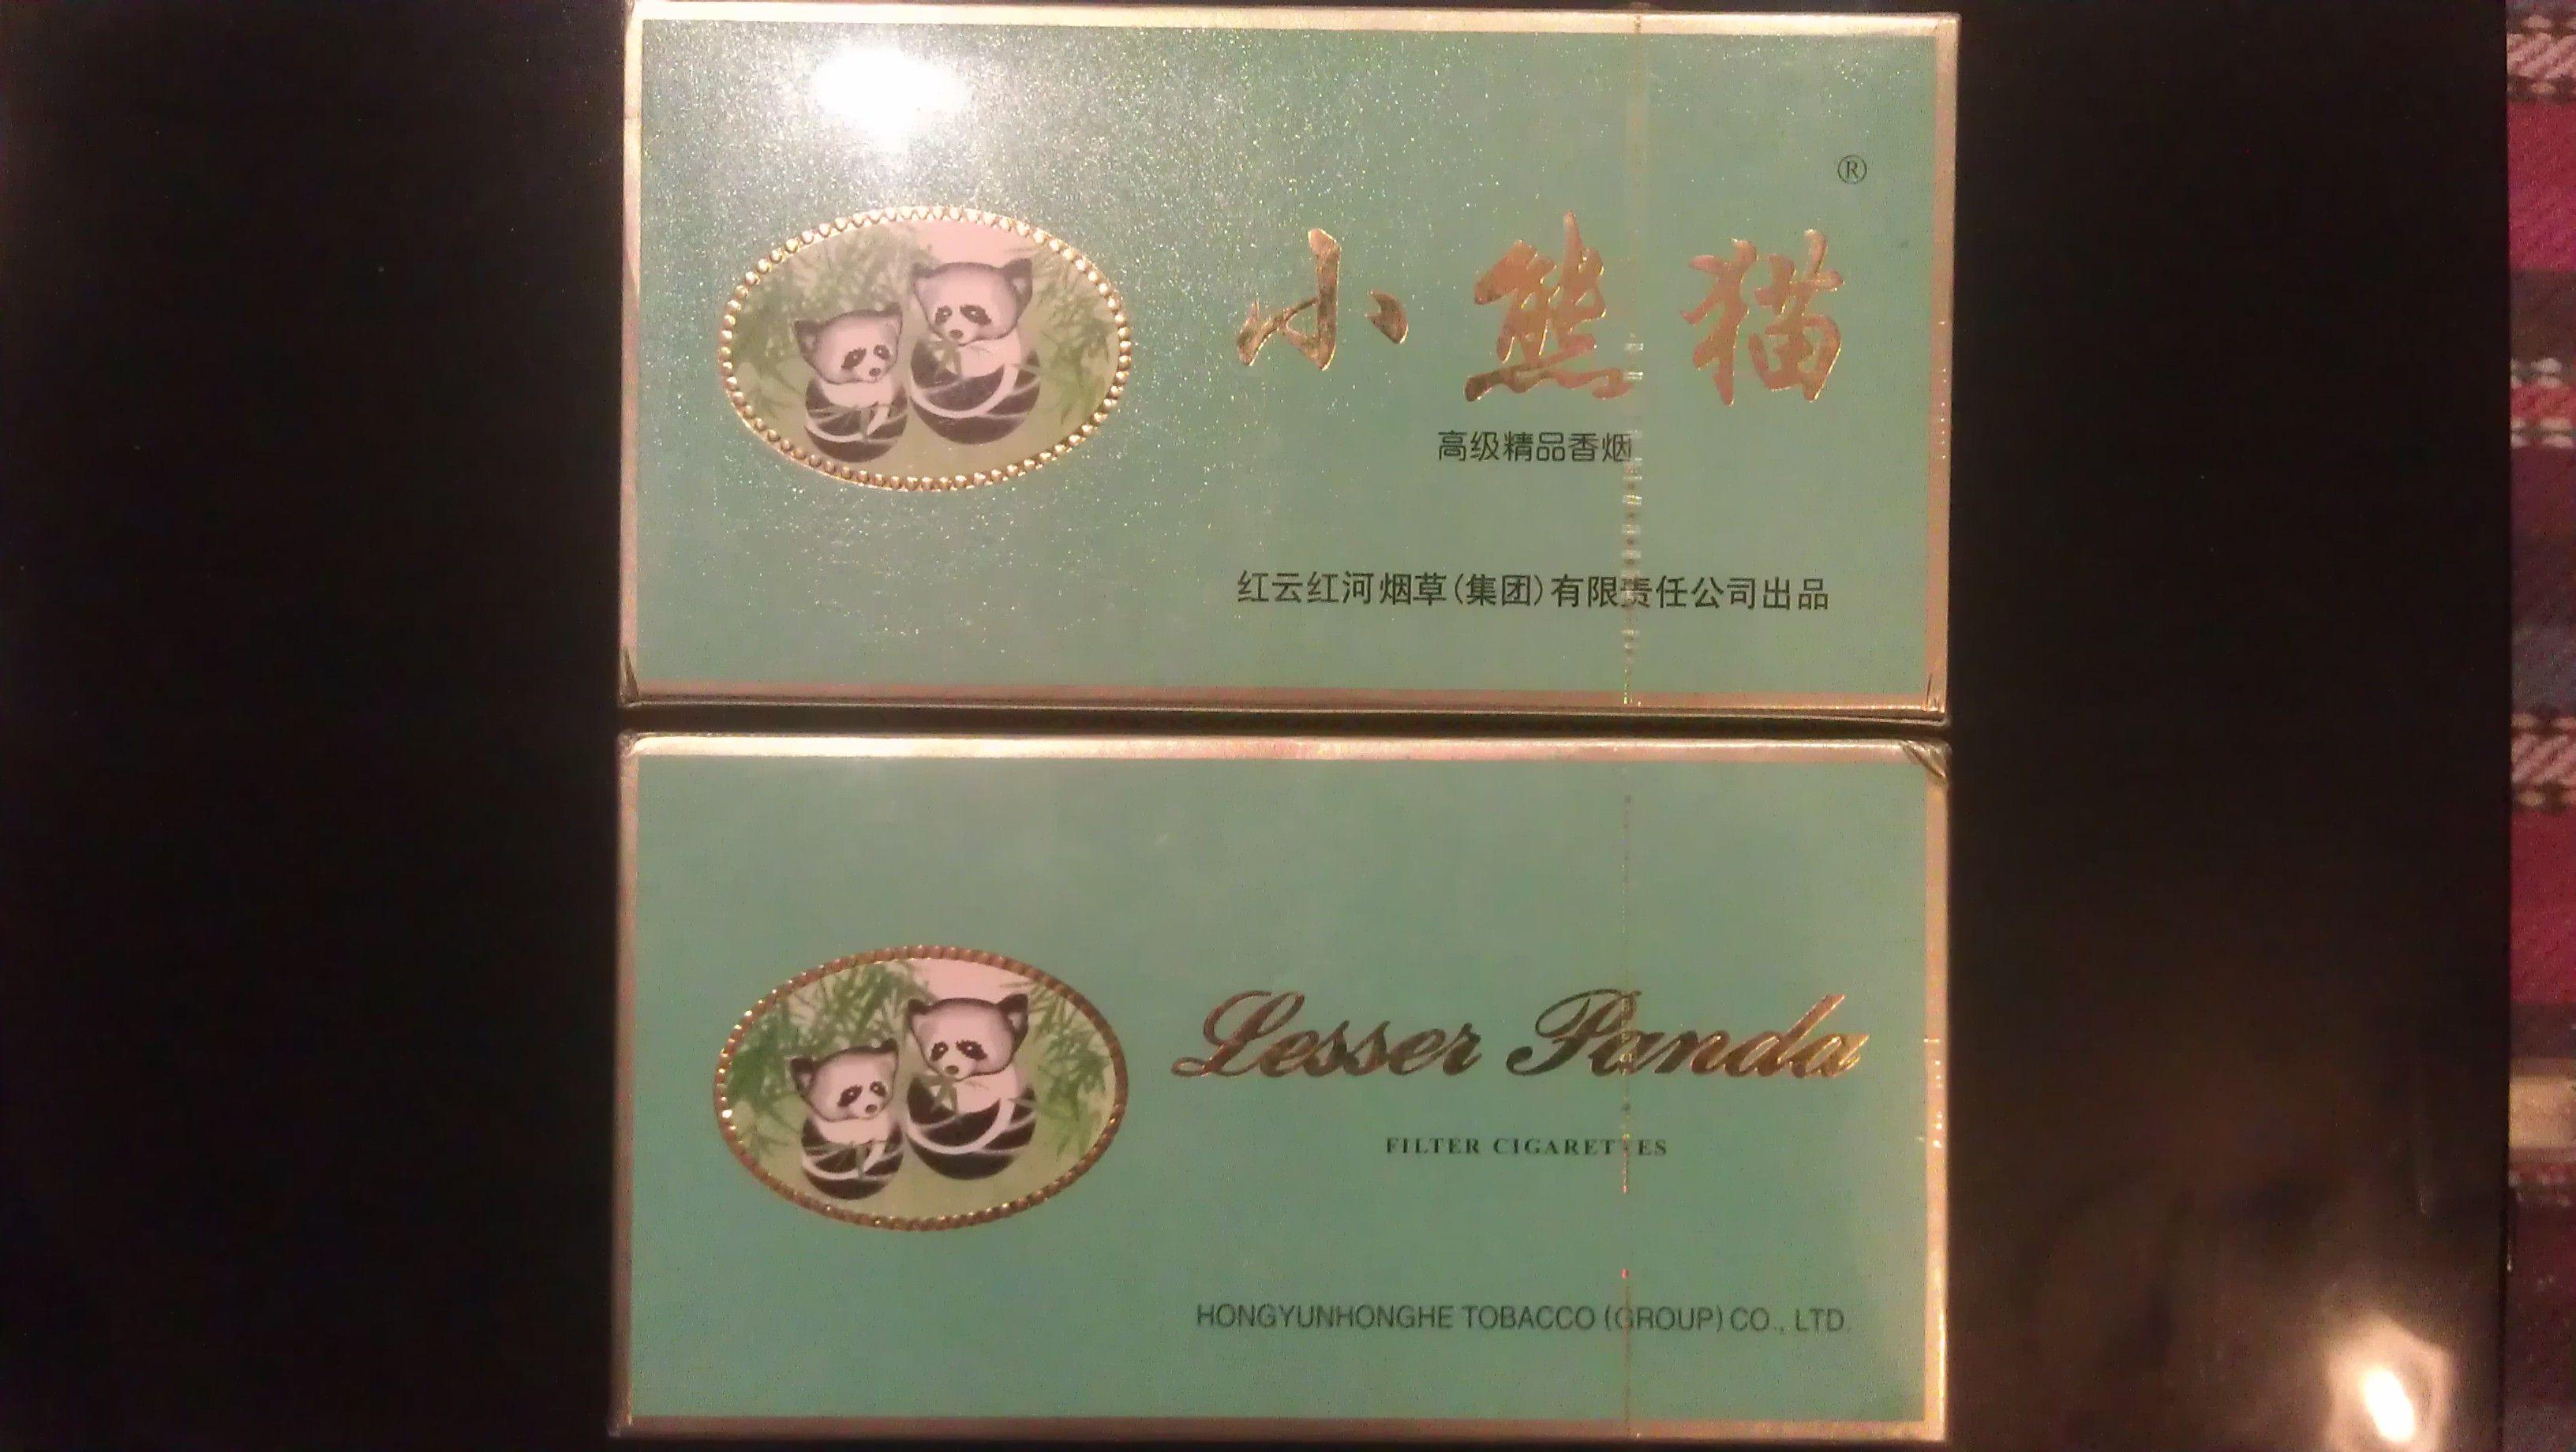 小熊猫香烟 价格表影音   这种小熊猫香烟多少钱一包   香烟高清图片